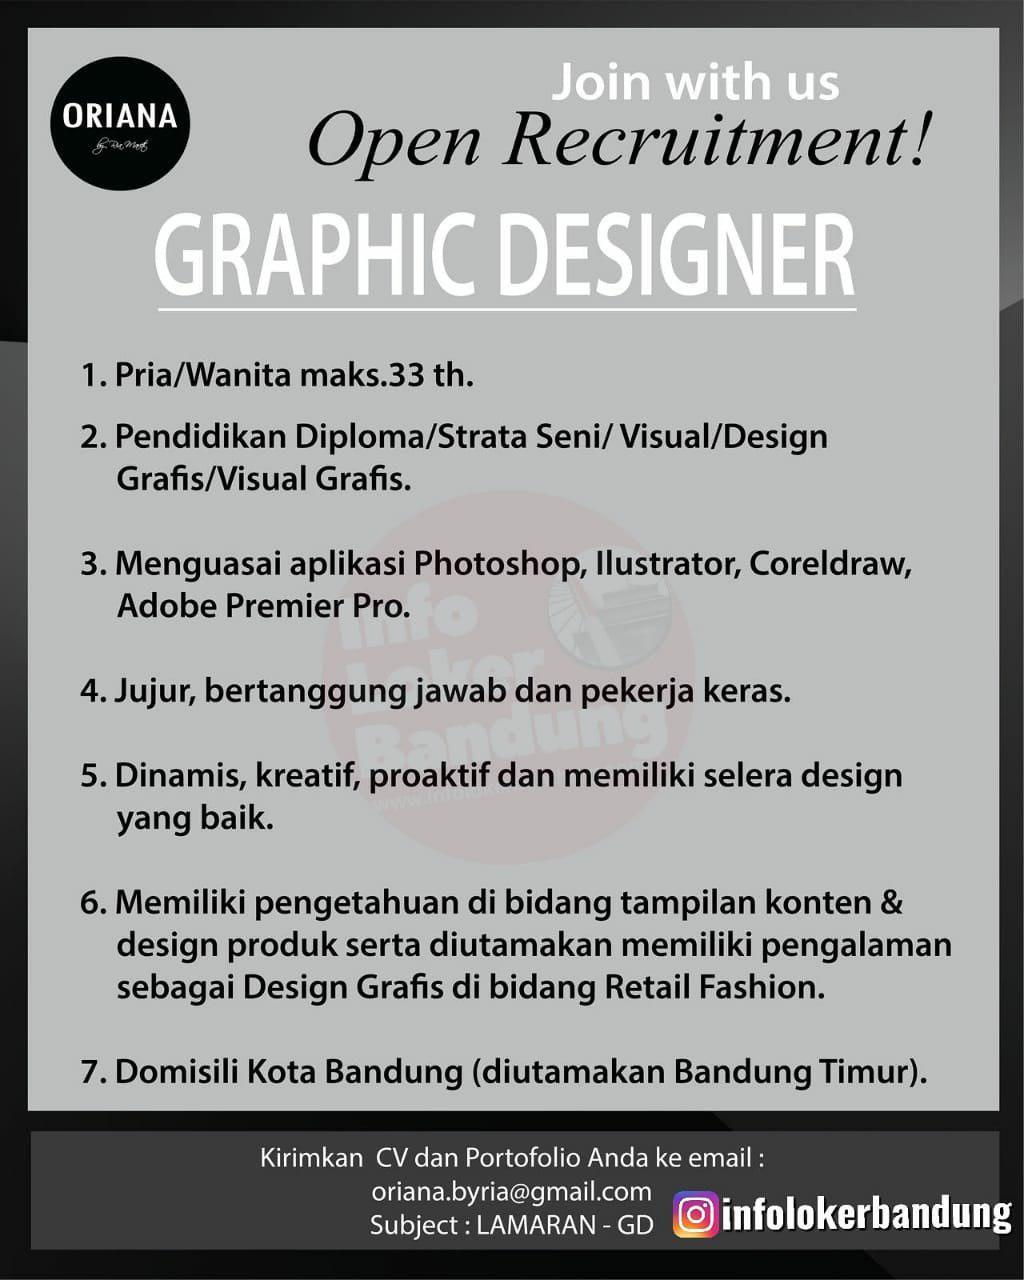 Lowongan Kerja Graphic Designer Oriana Boutique & Scarves Bandung Oktober 2019